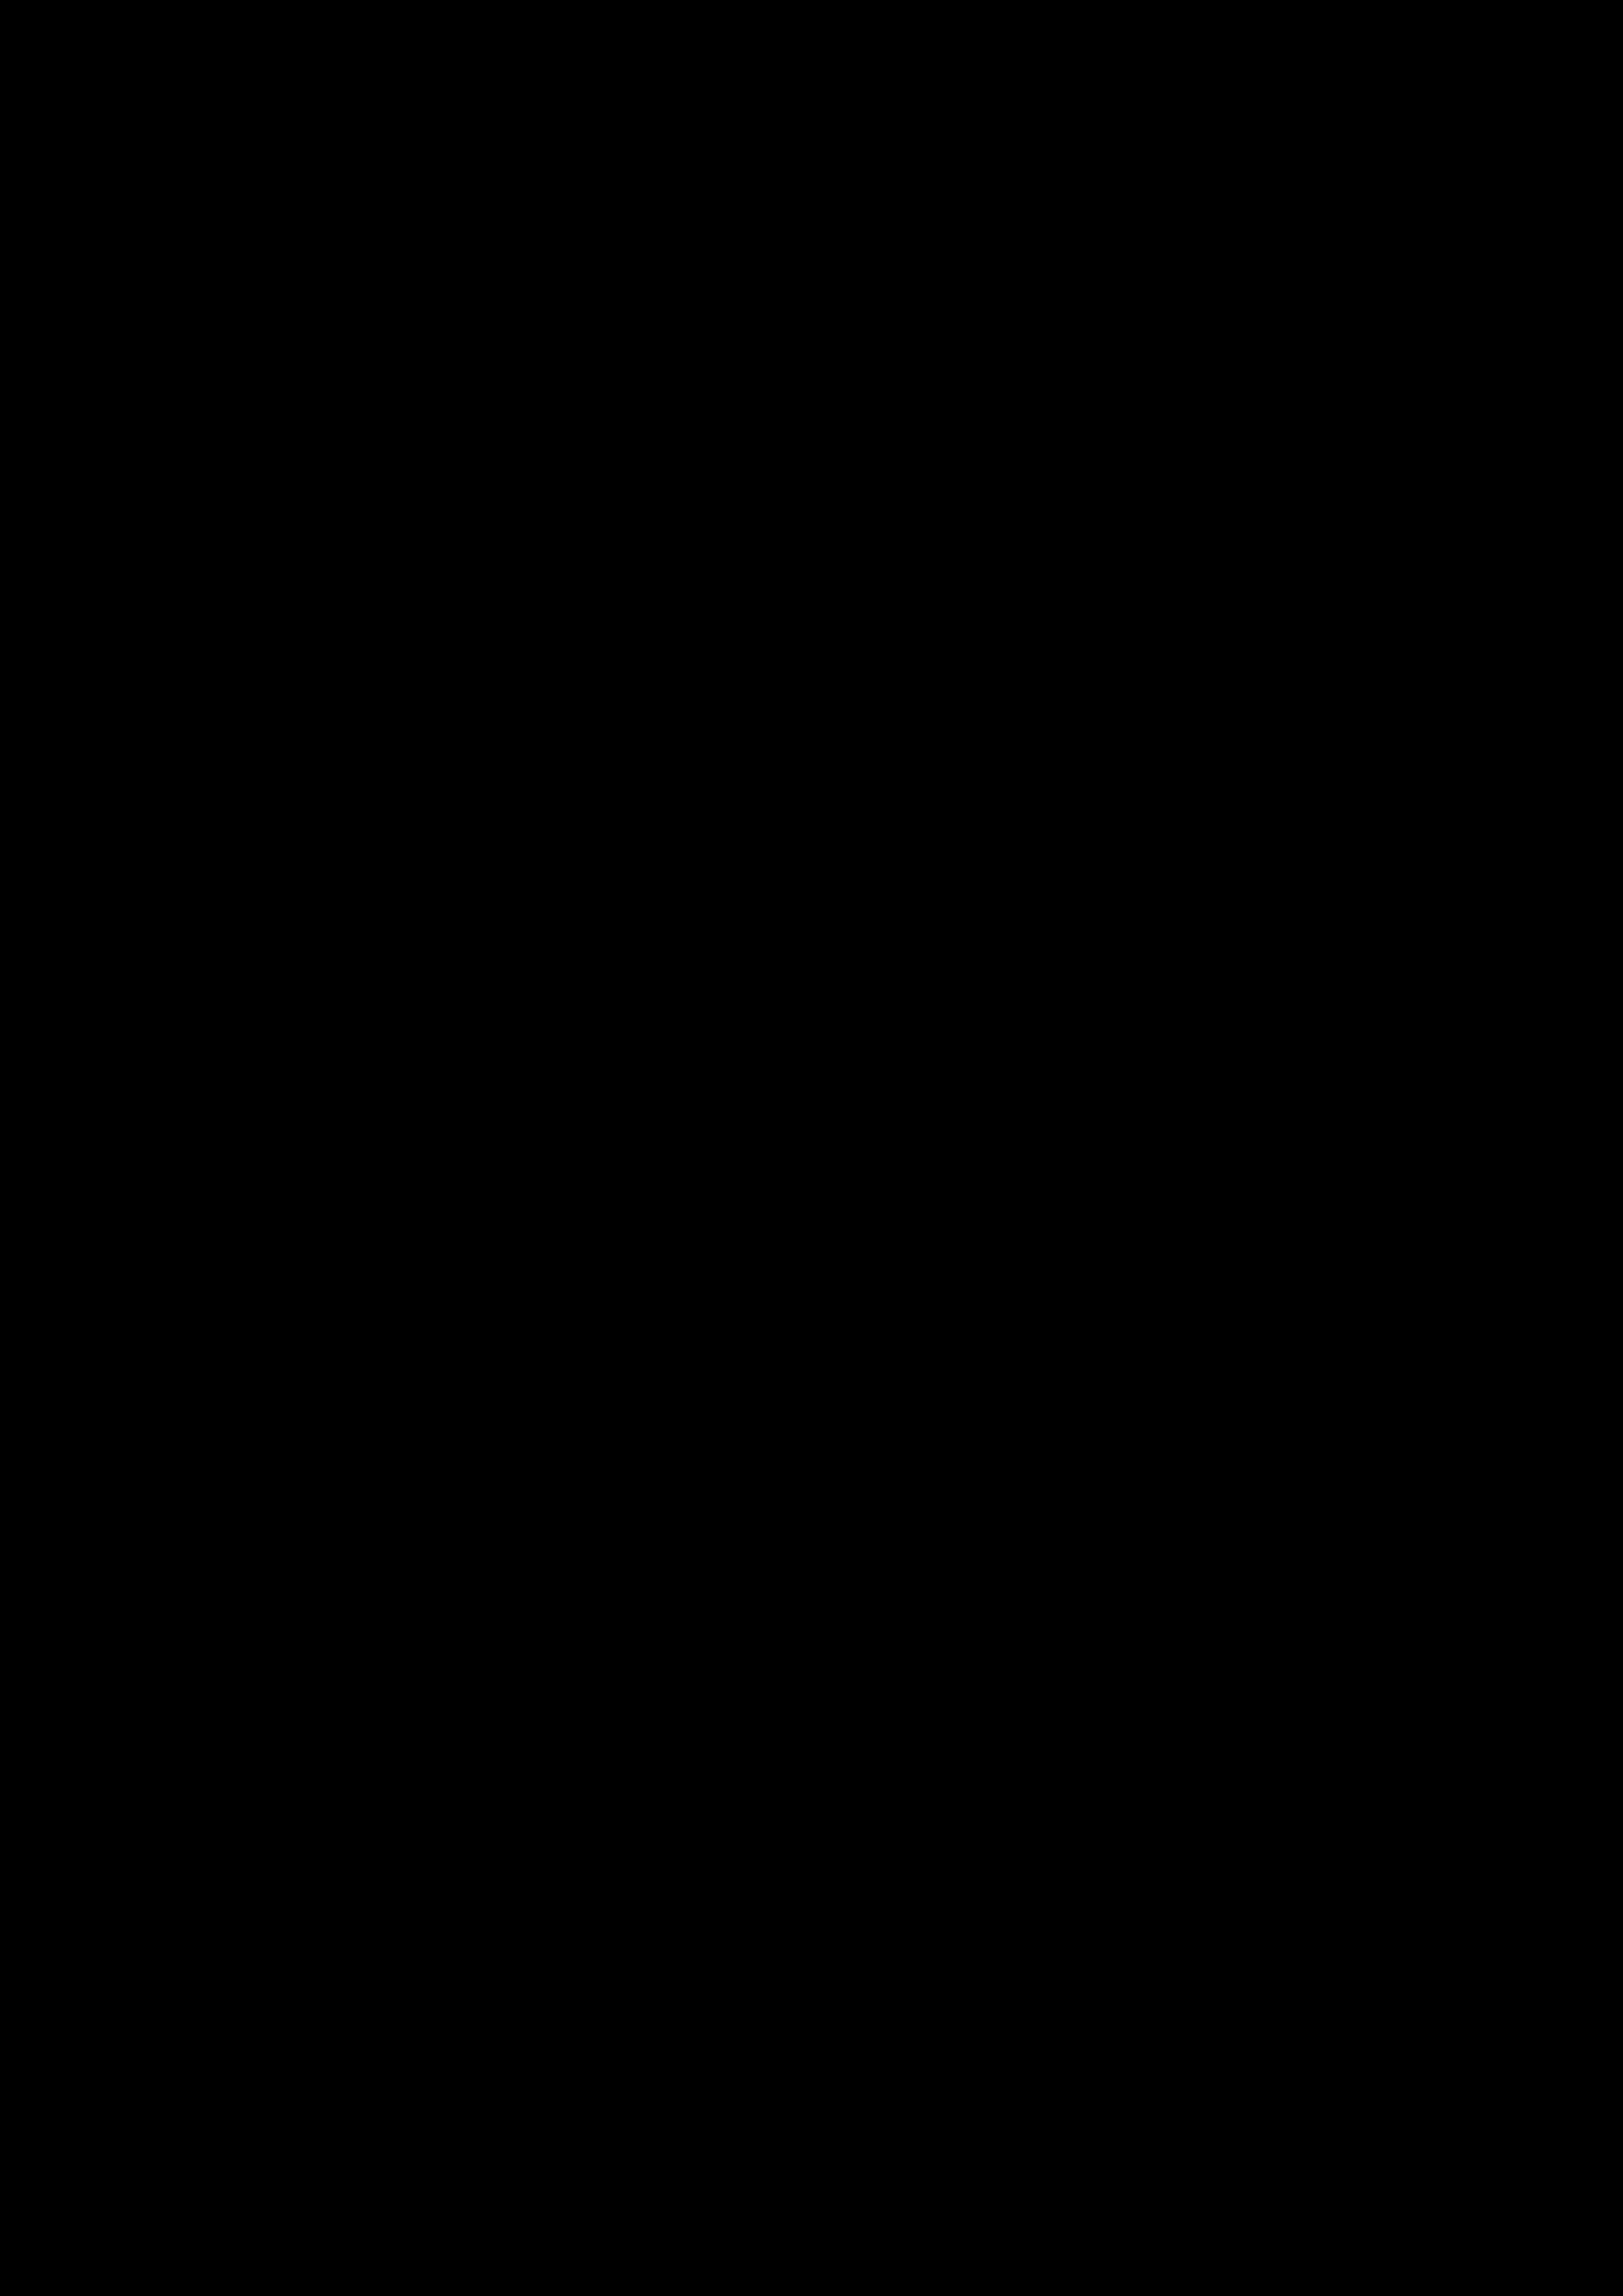 2018-06-25 赤外線 ソーラーパネル点検 様式